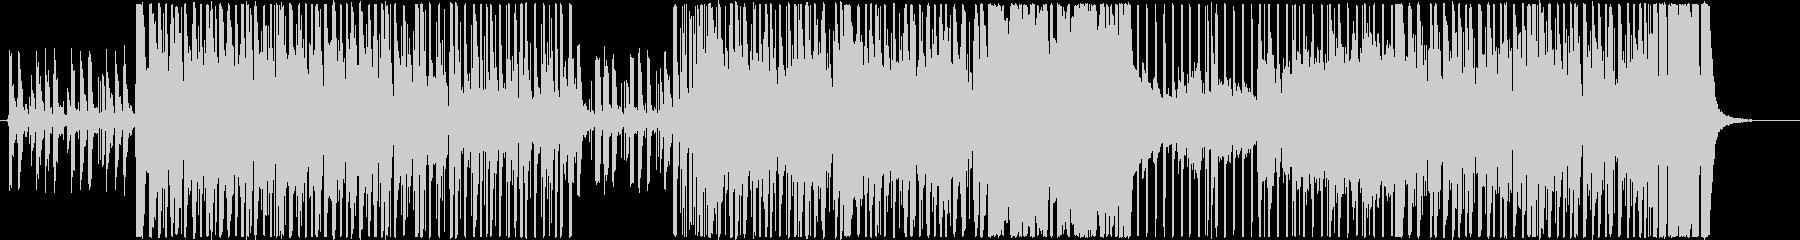 アルトサックスのコーラスによるダイ...の未再生の波形